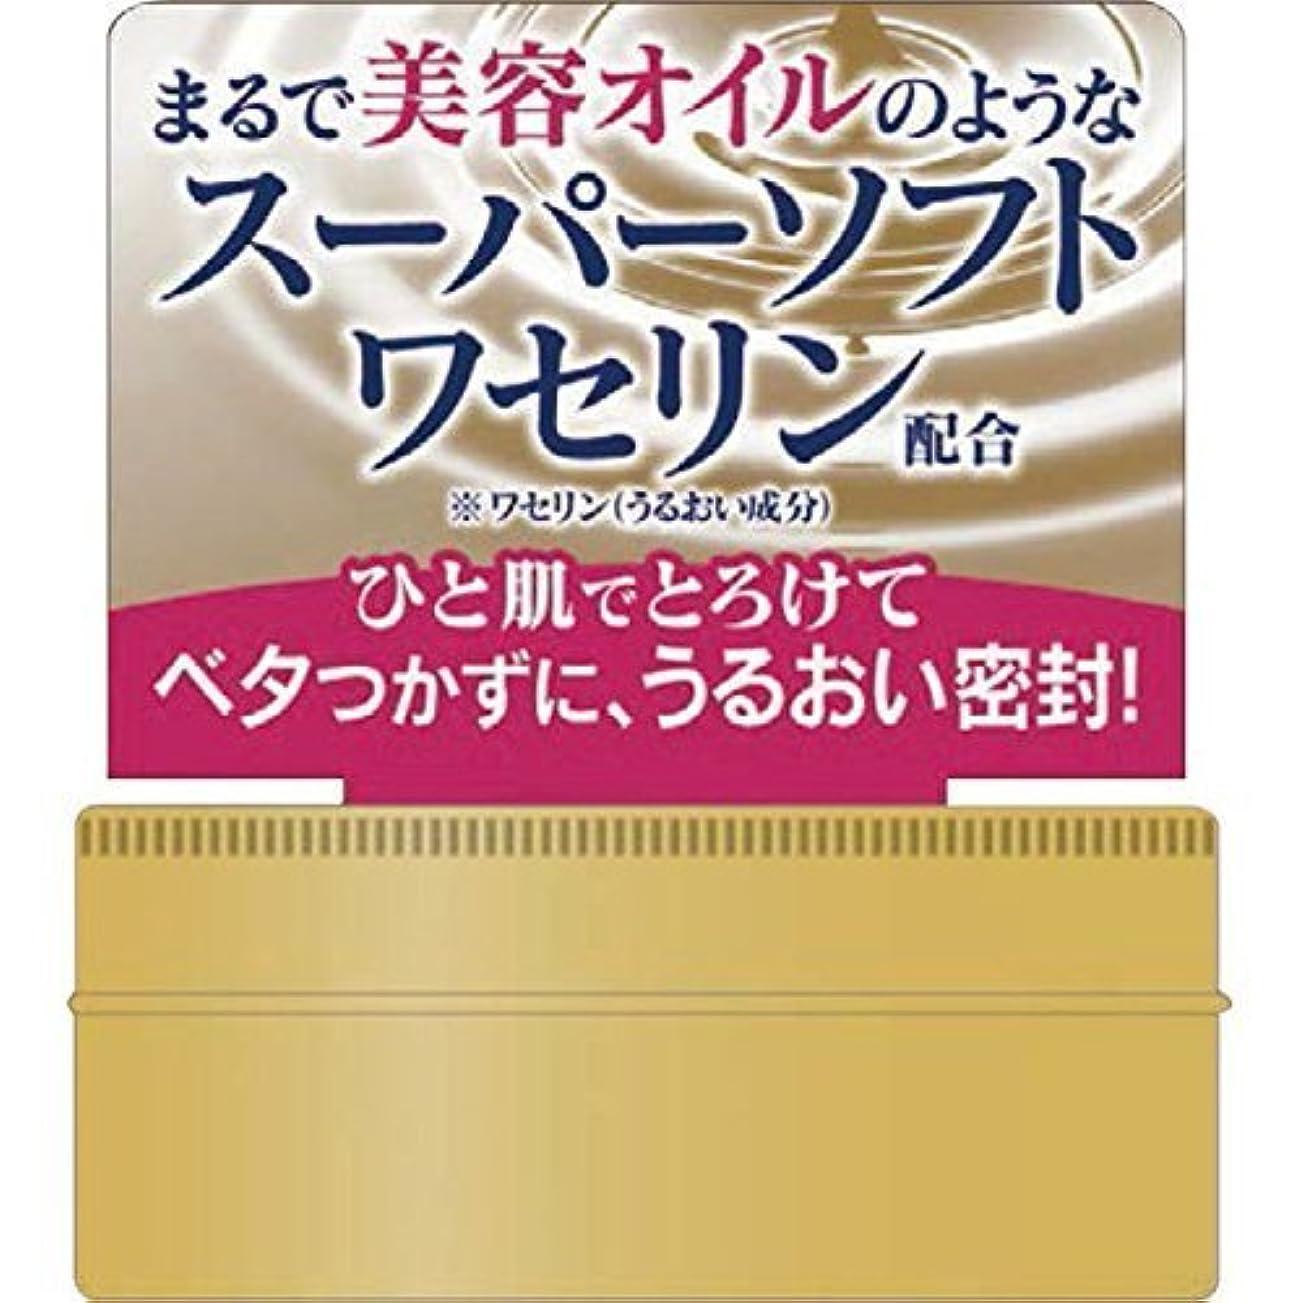 むちゃくちゃ証人ボイド肌研(ハダラボ) 極潤プレミアム ヒアルロンオイルジェリー × 24個セット